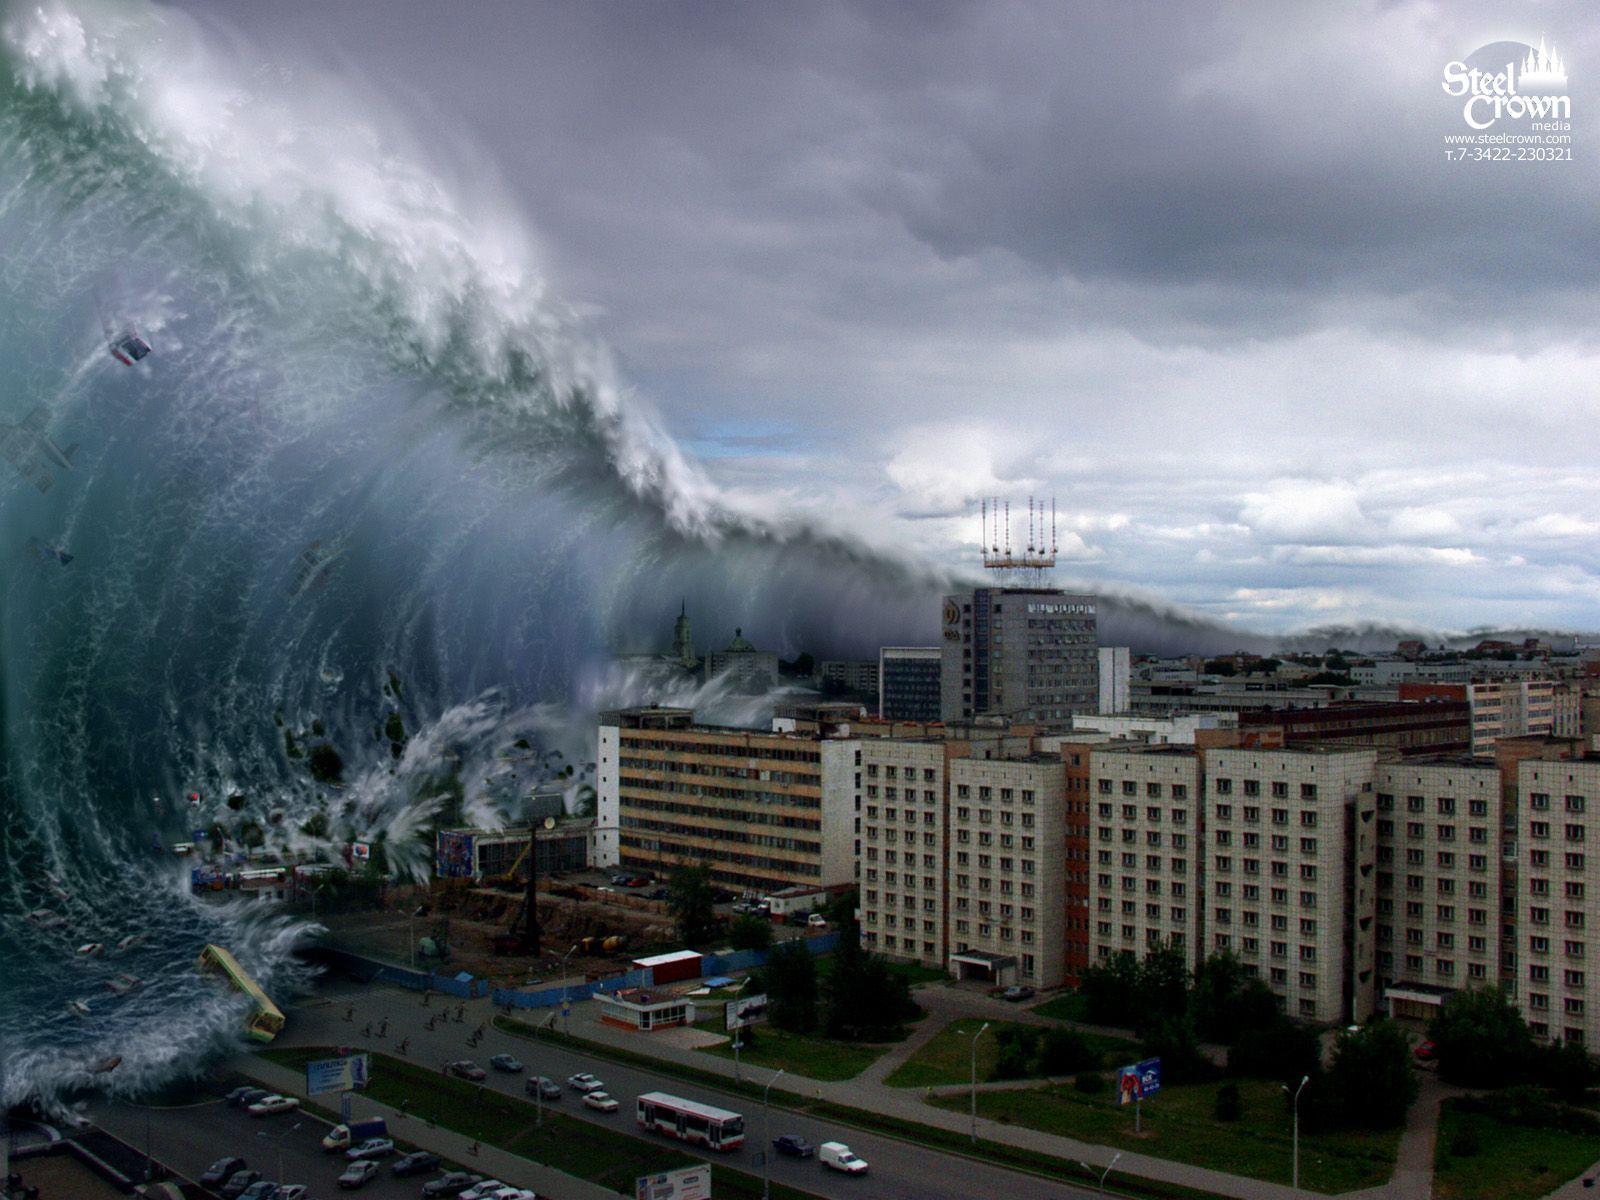 Fonds d'écran Tsunami : tous les wallpapers Tsunami